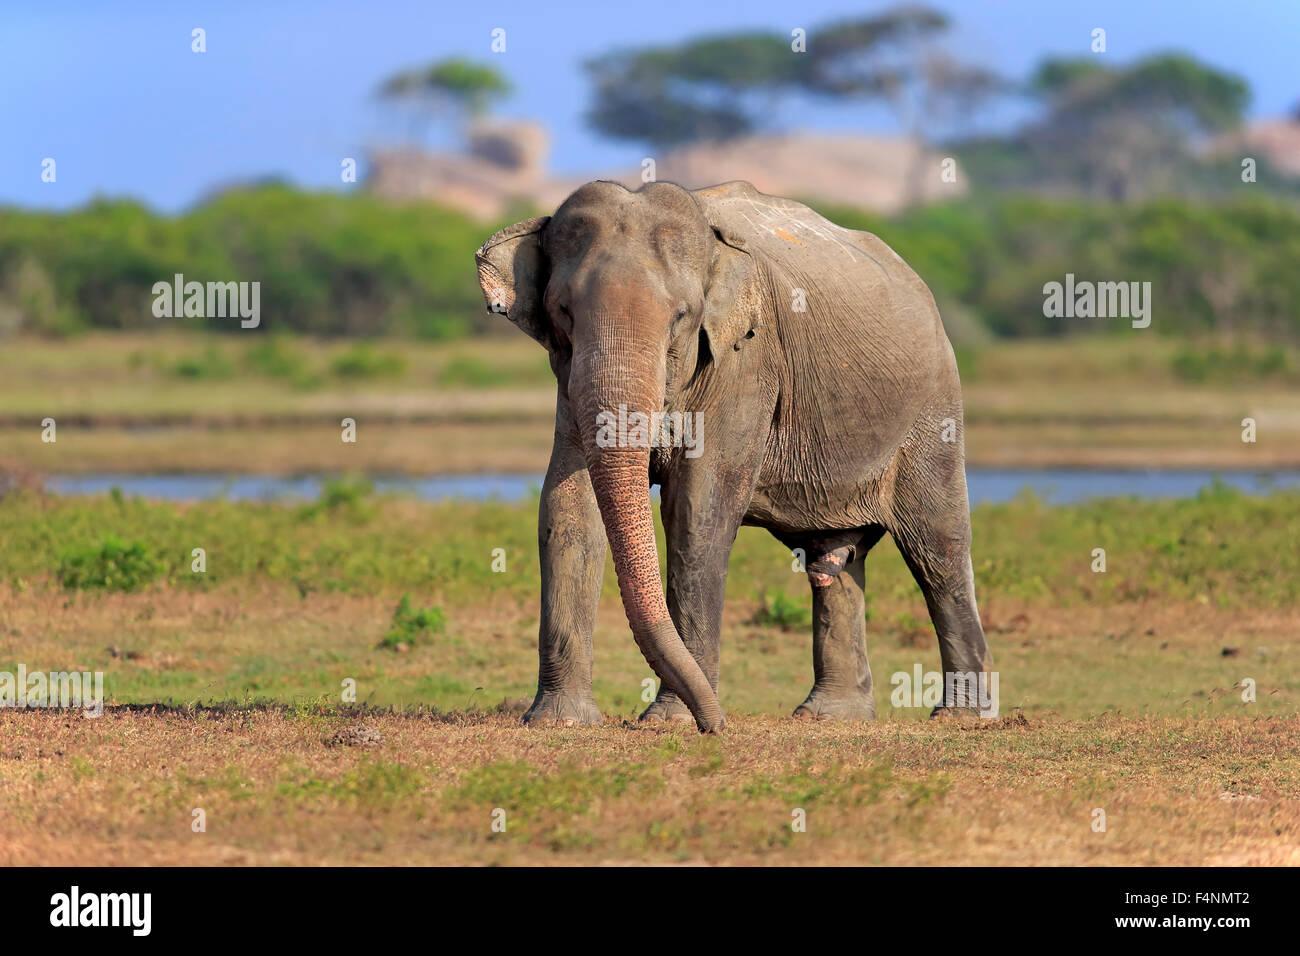 Sri Lankan Elephant (Elephas maximus maximus), adult male, foraging, Yala National Park, Sri Lanka - Stock Image